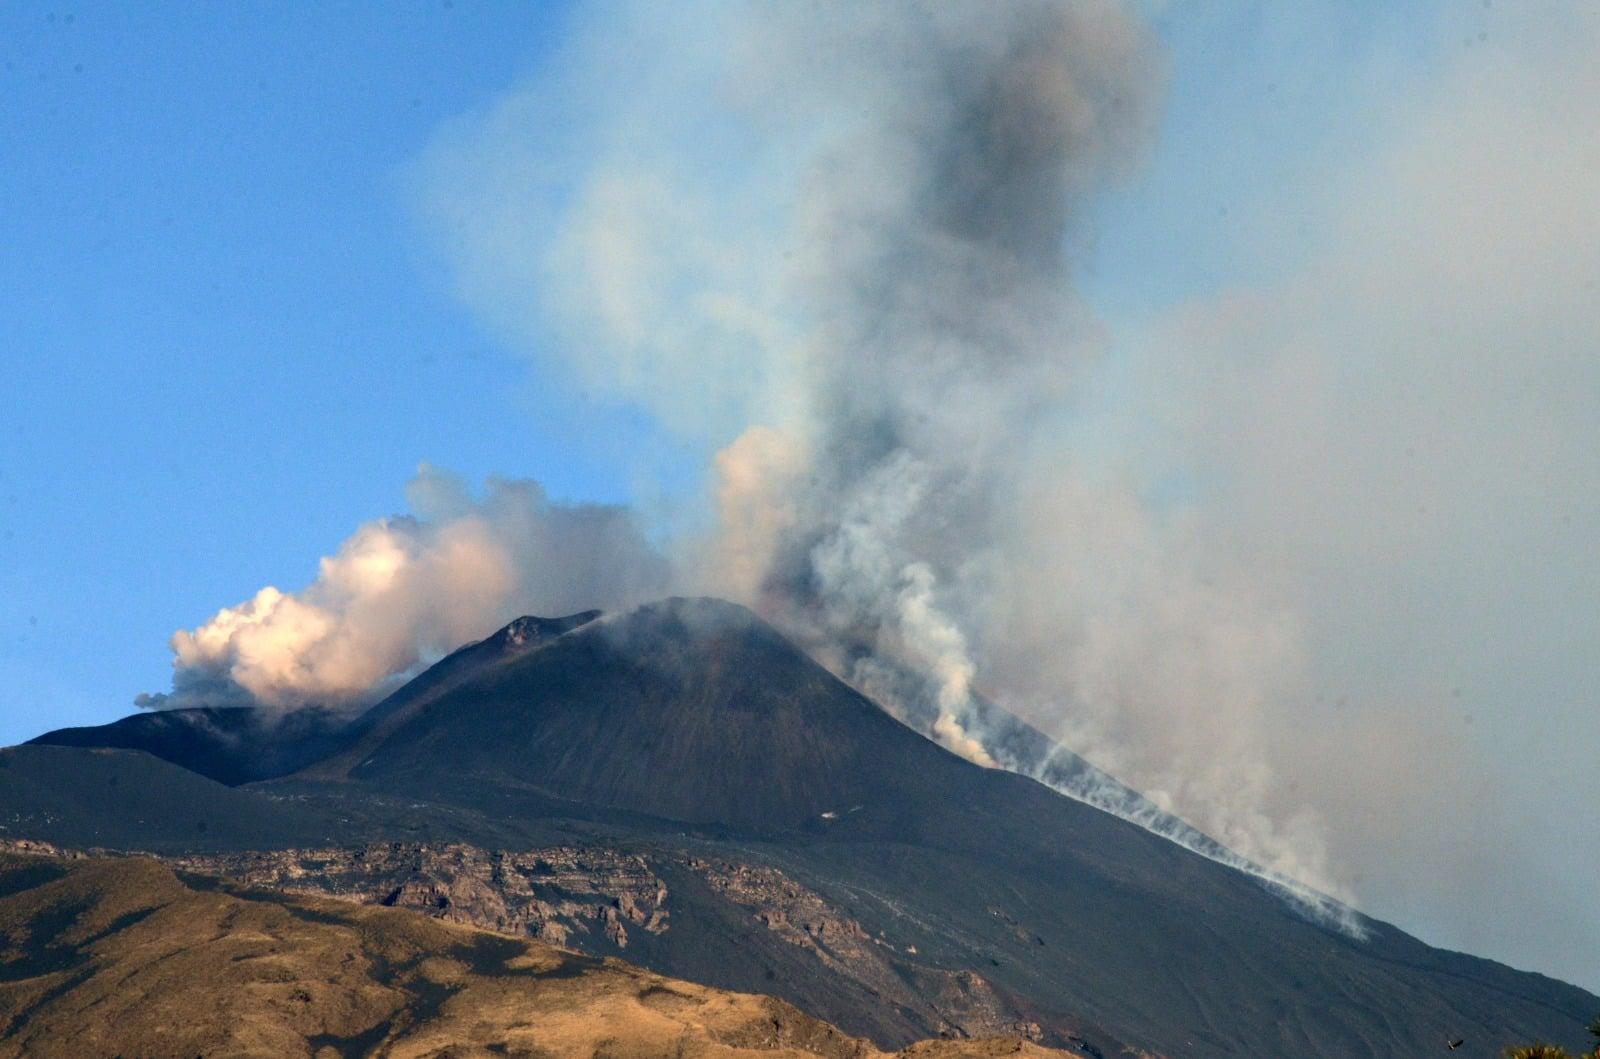 Etna, nuovi aggiornamenti dall'Ingv: trabocco lavico in corso, boati in aumento – Le FOTO